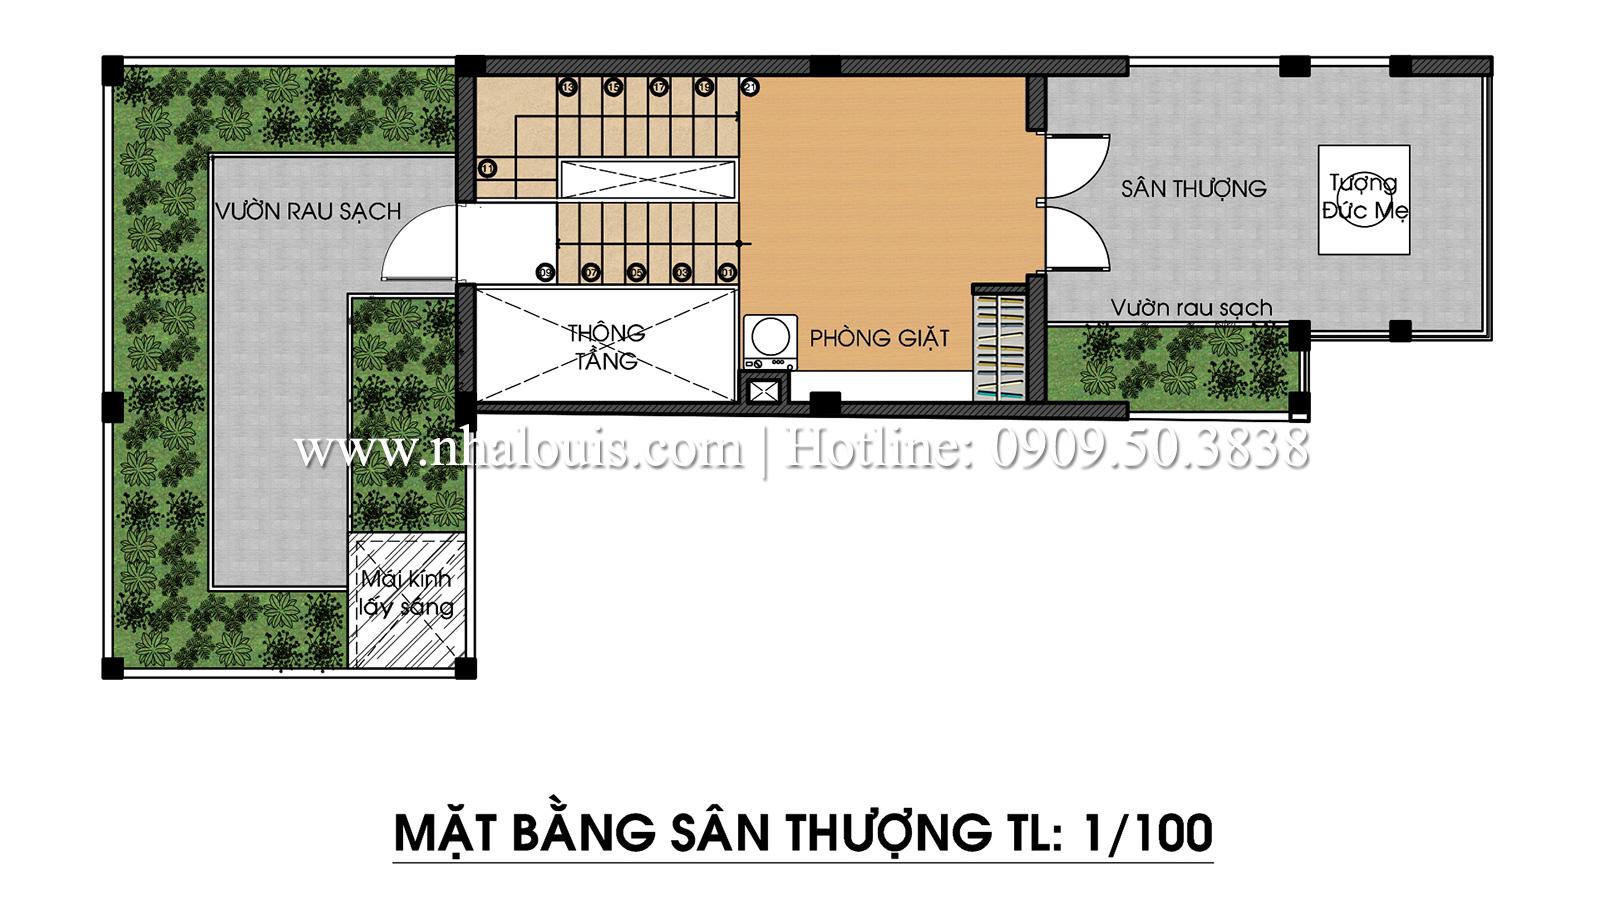 Mặt bằng sân thượng Mẫu thiết kế nhà phố 5 tầng tại Tân Bình với không gian thiên nhiên xanh mát - 16